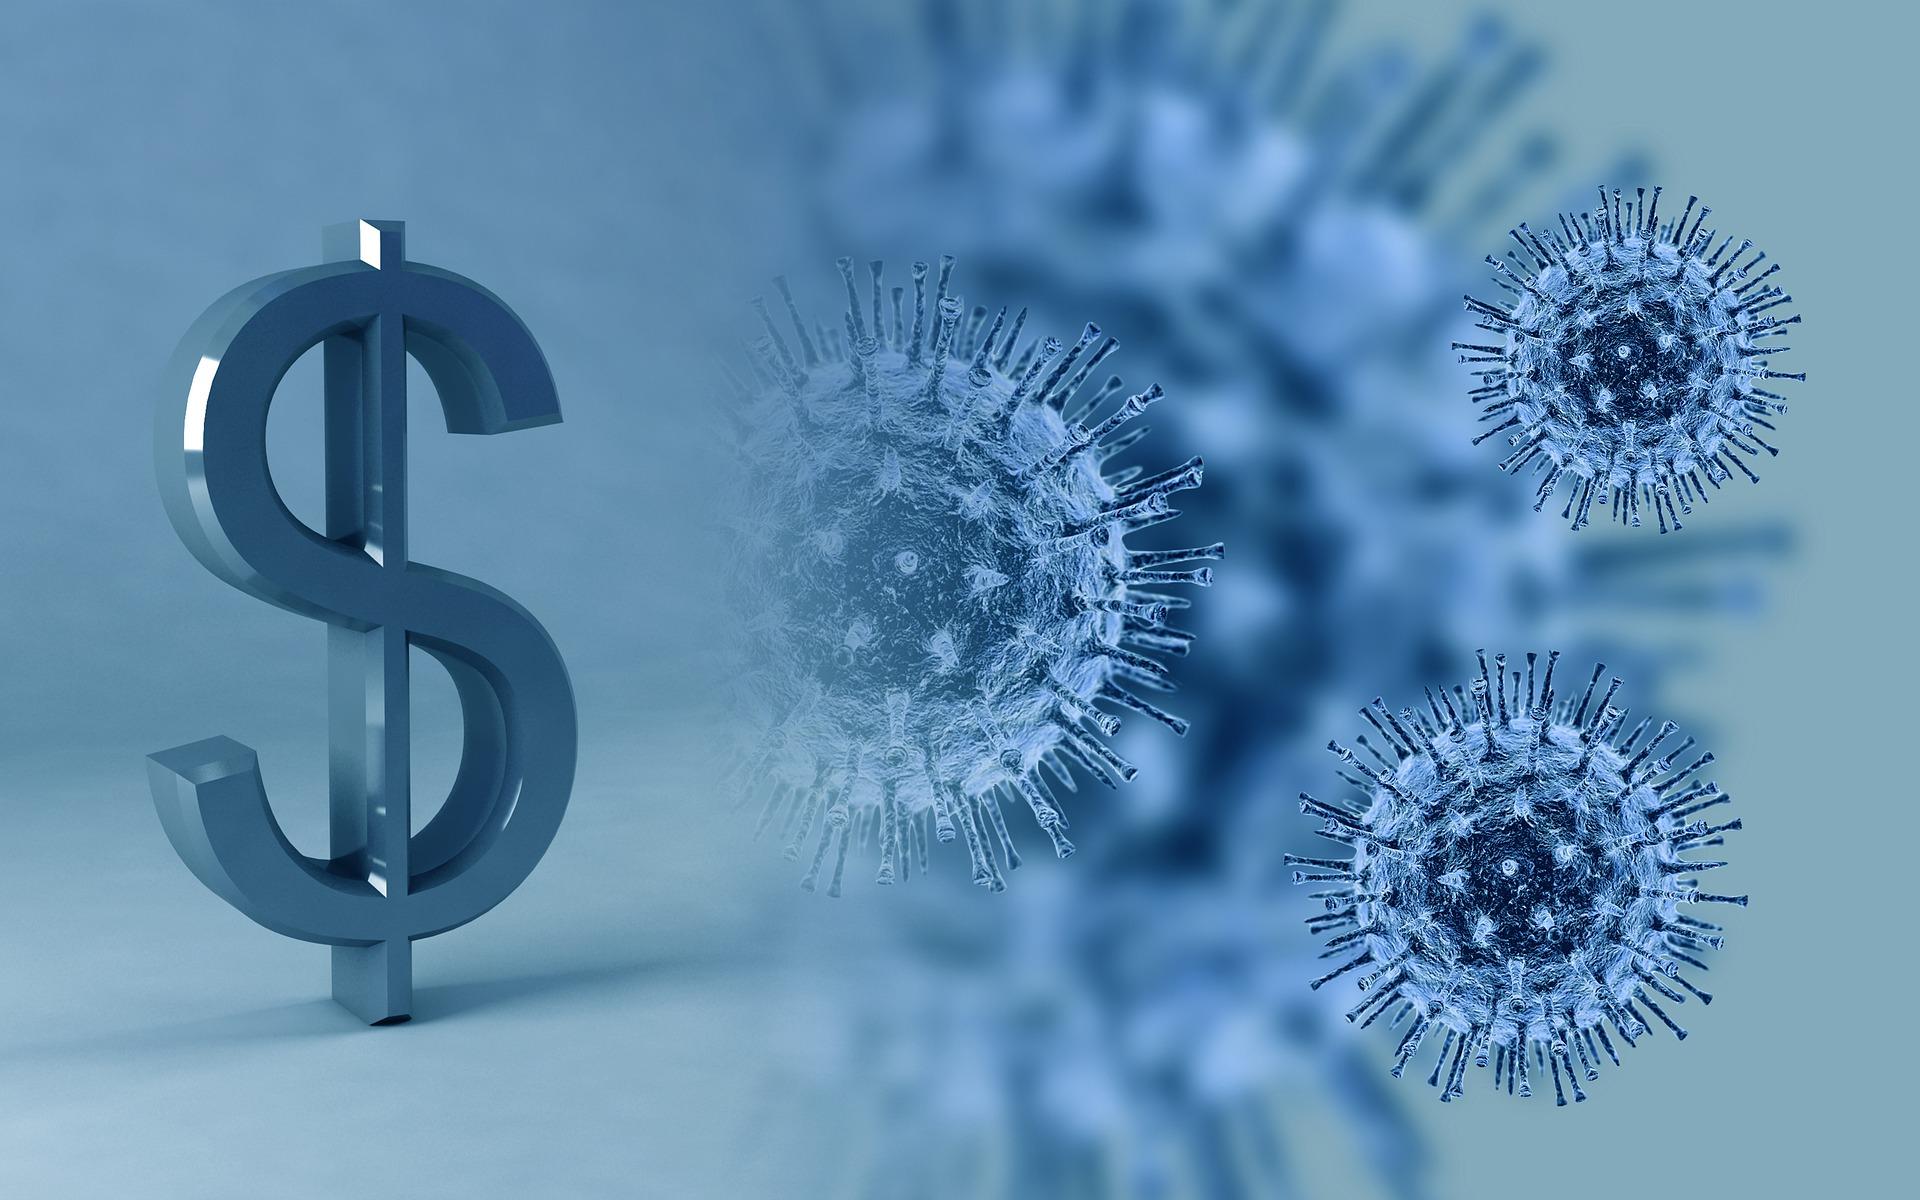 Diversos bancos centrales del mundo concuerdan en que la pandemia influyó en el creciente interés por las monedas digitales nacionales